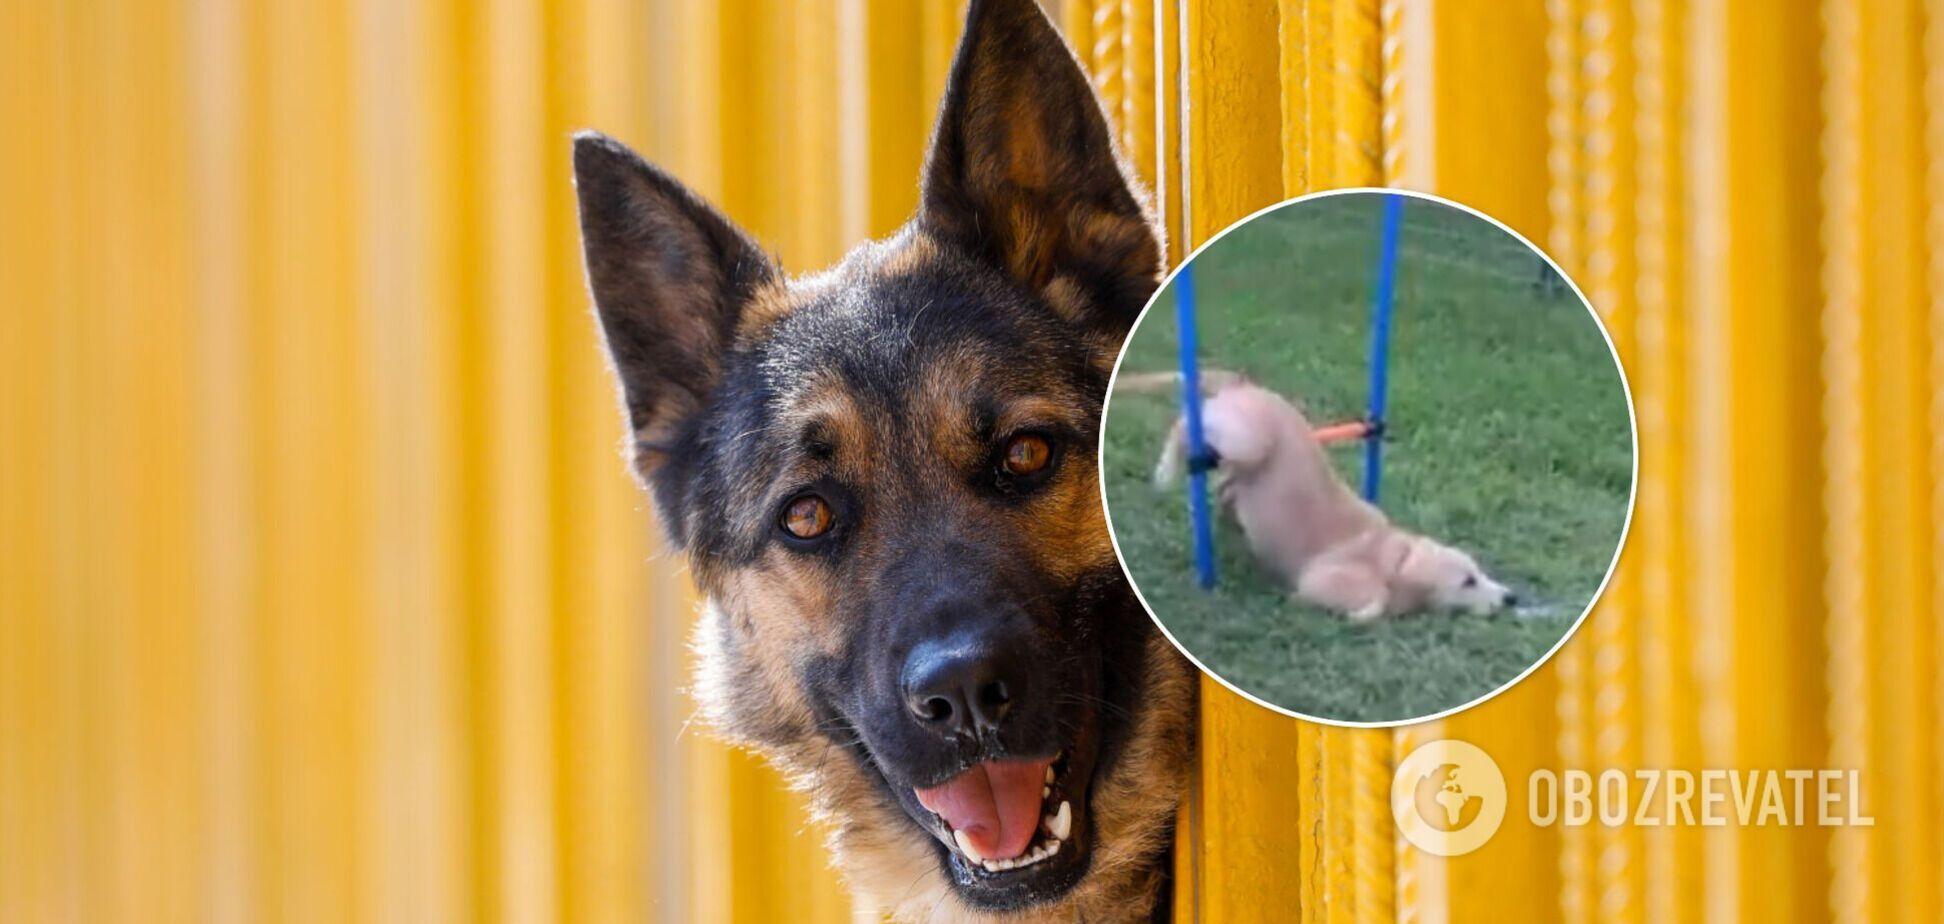 Відео з собакою стало вірусним в мережі